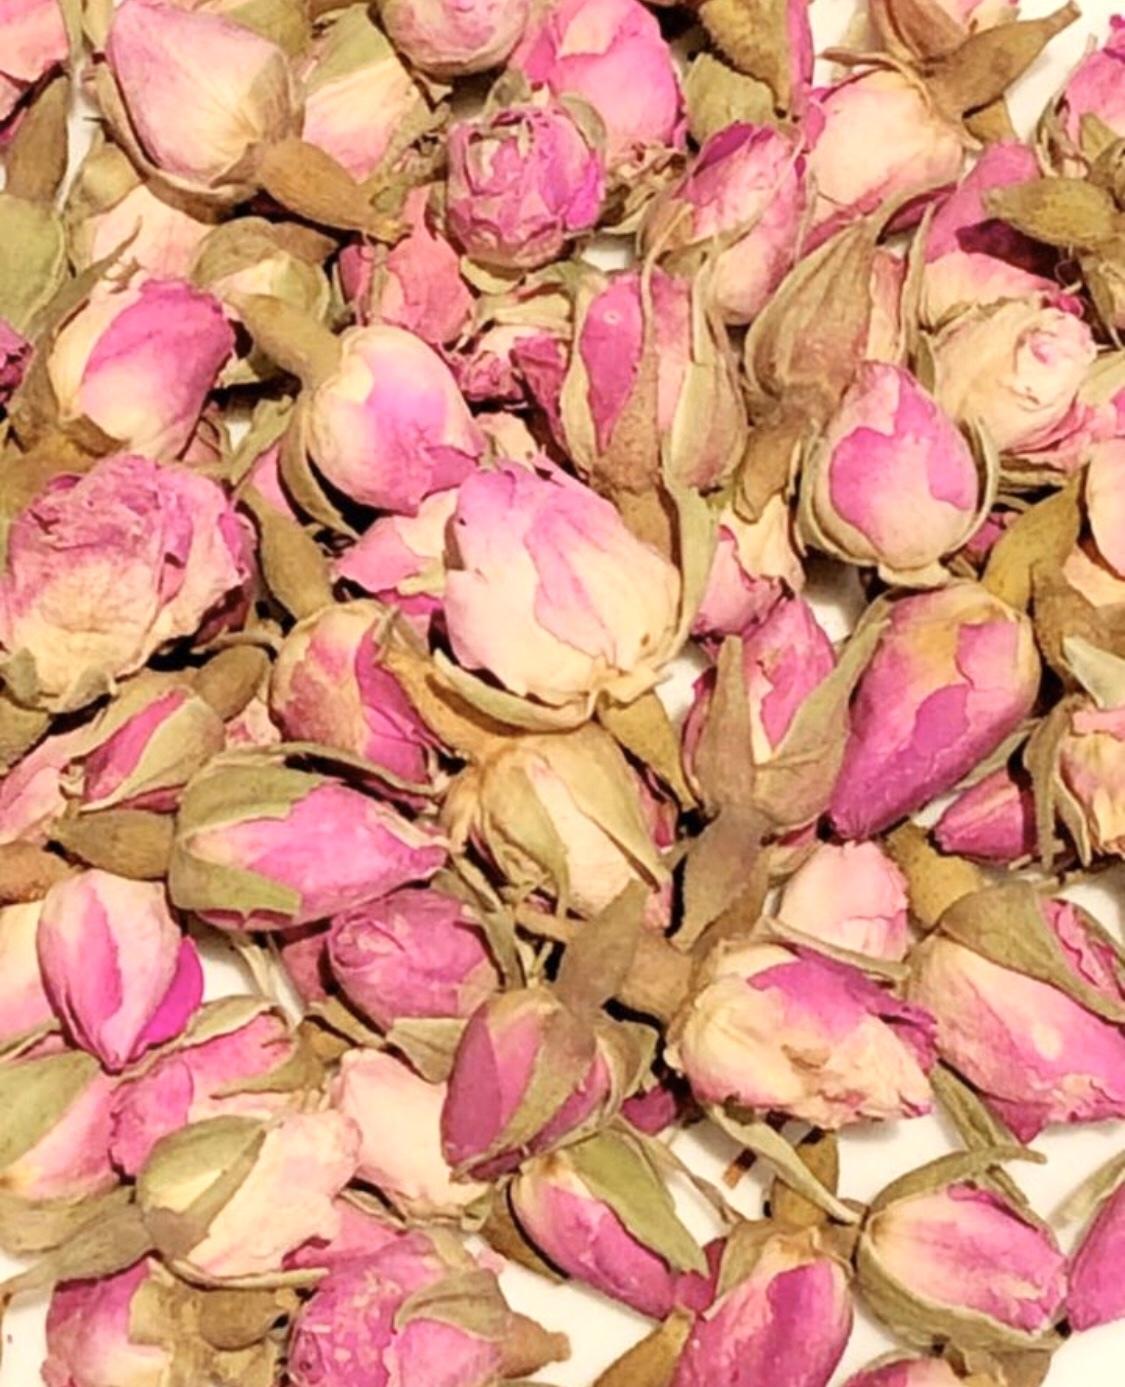 【ローズピンク 20g】ハーブティー 美人 女性 健康 ホルモンバランス リラックス 花の女王 お茶 デトックス 薔薇 バラ